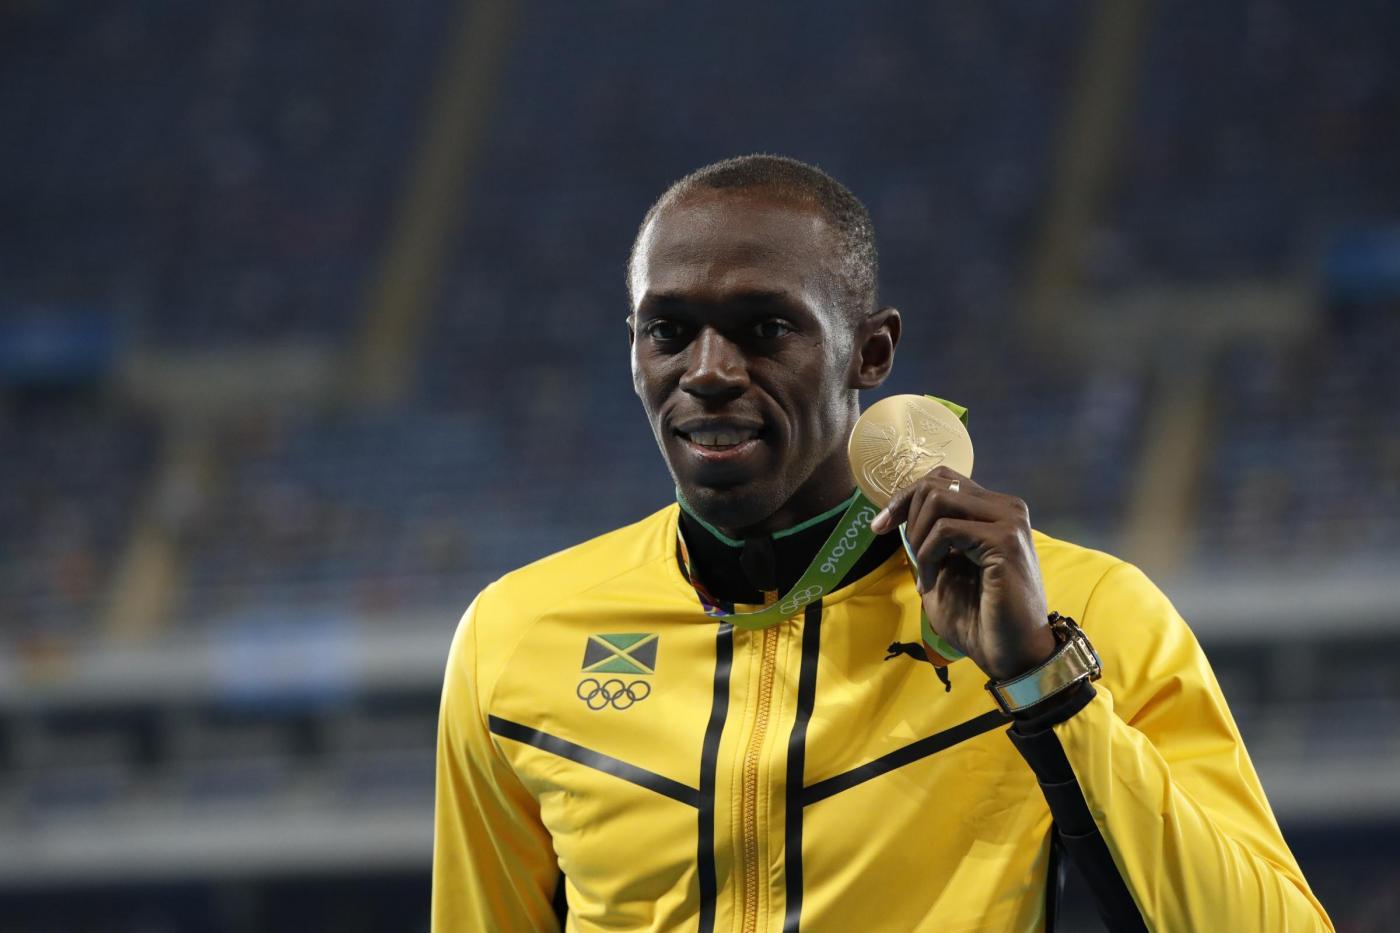 Rio 2016 Cerimonia di premiazione dei 100 metri maschili